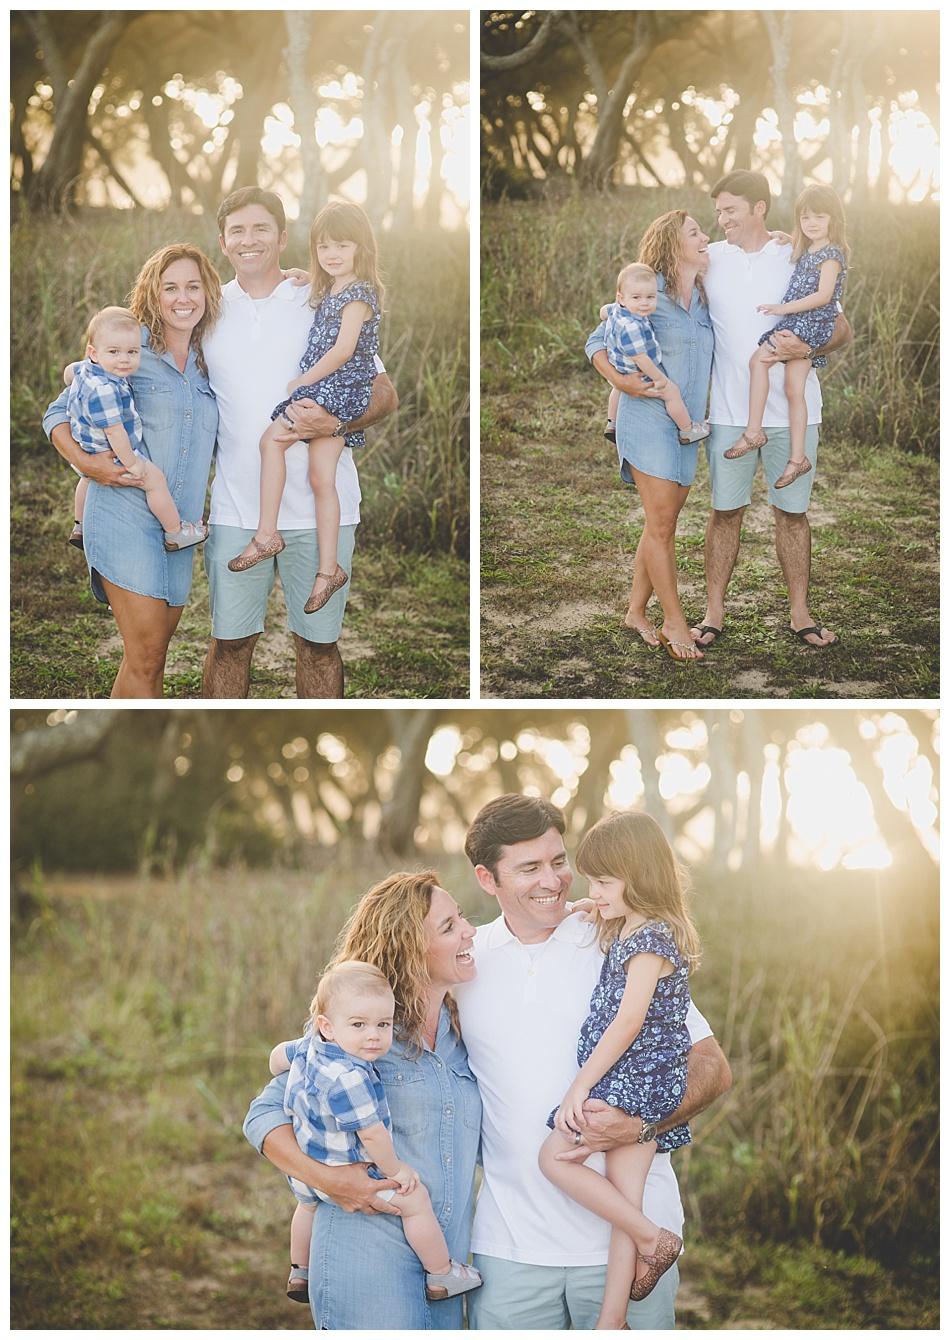 kurebeachfamilyphotographer